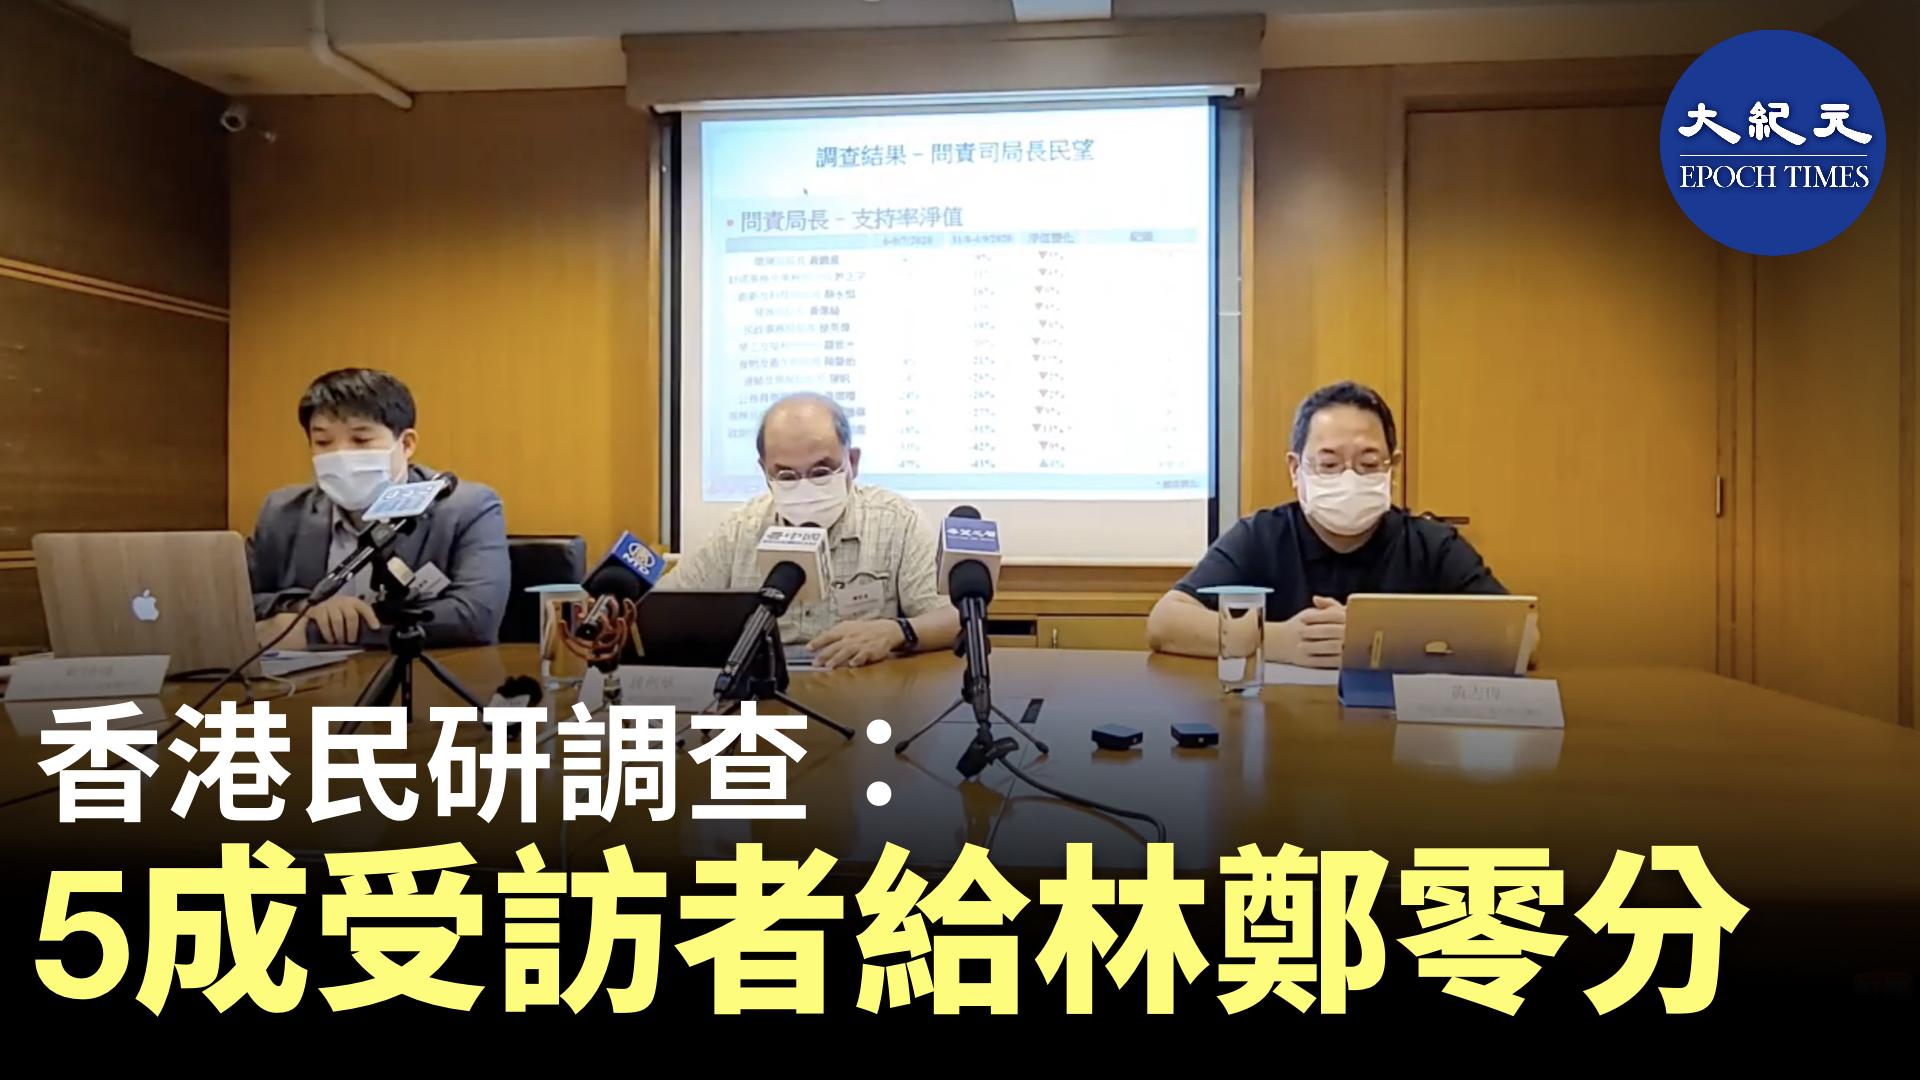 今日(9月8日)香港民意研究所發佈「特首及司局長民望」調查報告,有五成市民給予特首林鄭月娥零分,反對者也接近一半。(影片截圖)